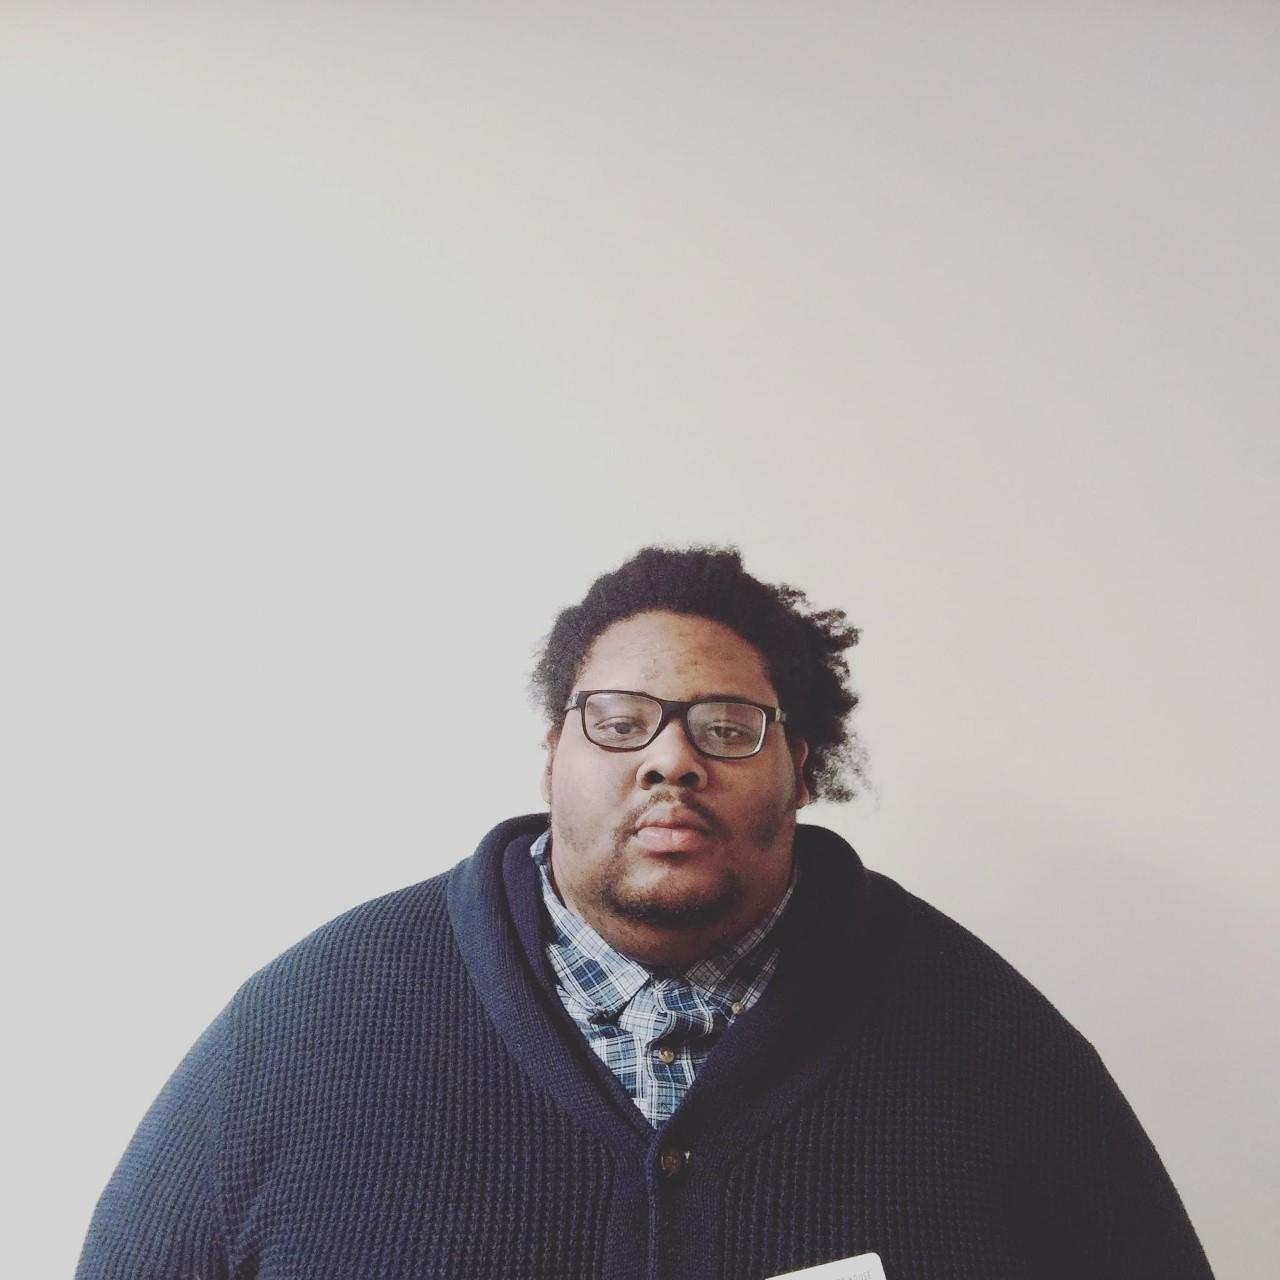 MCD Student Leo'el Jackson